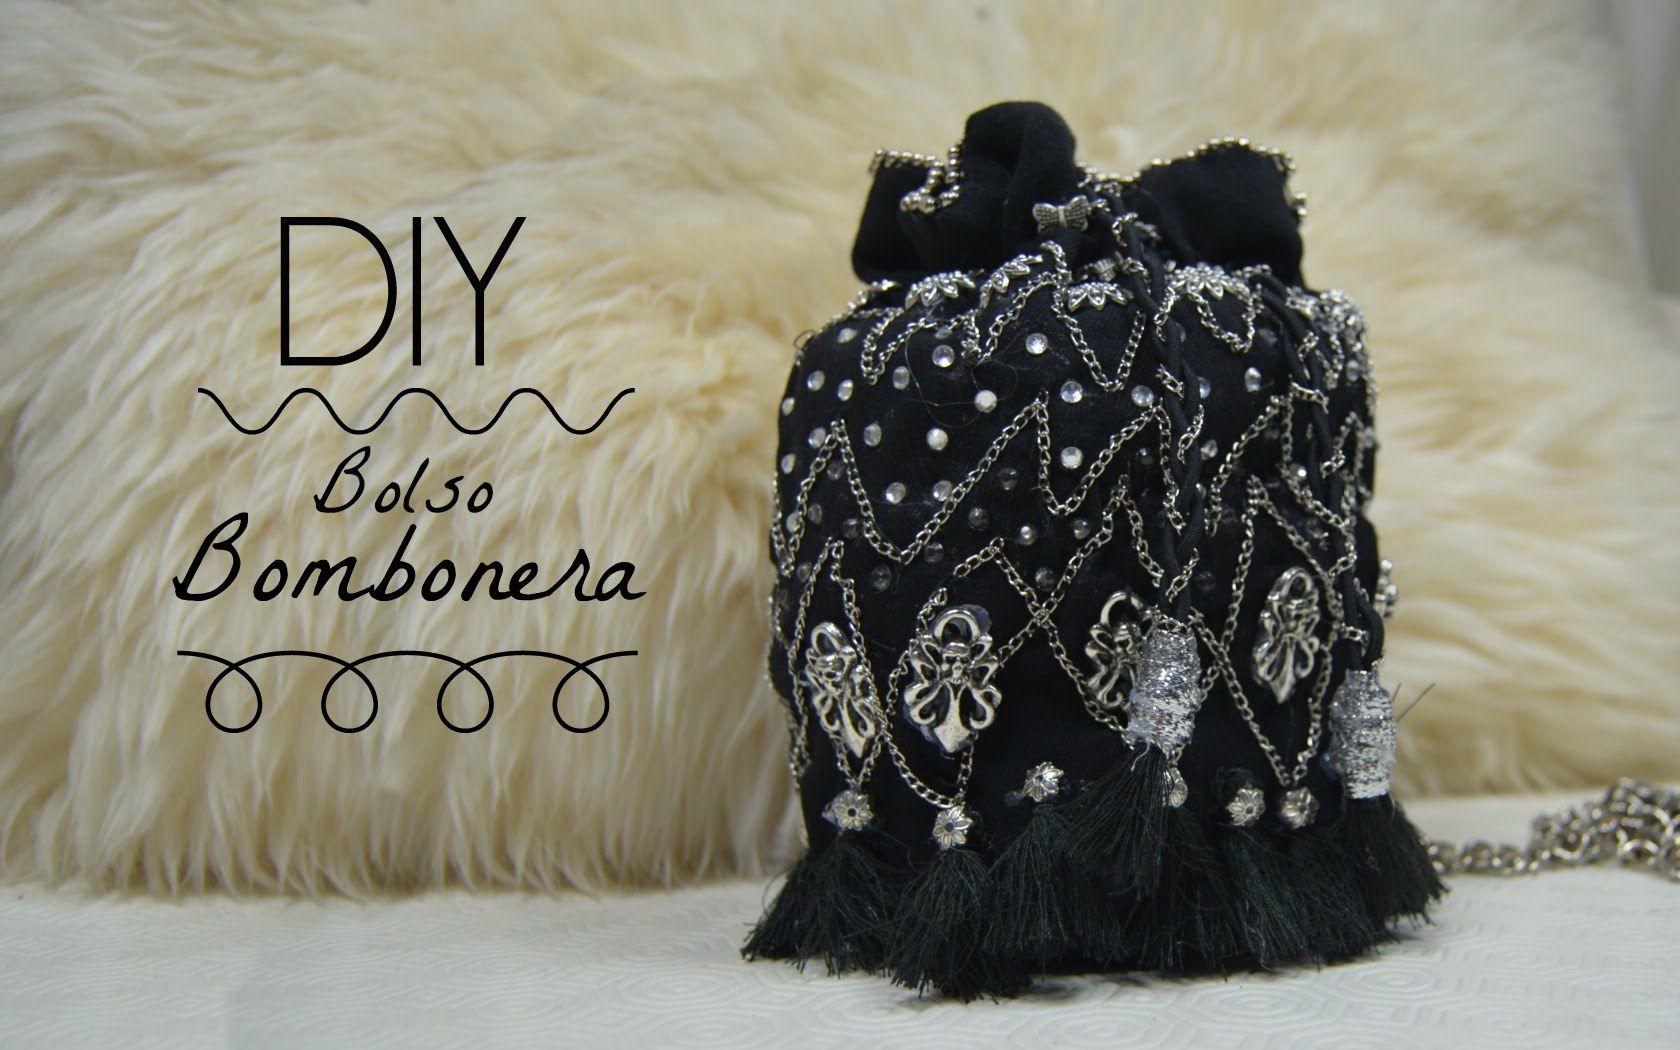 DIY Bolso Bombonera con Abalorios | Monica Beneyto